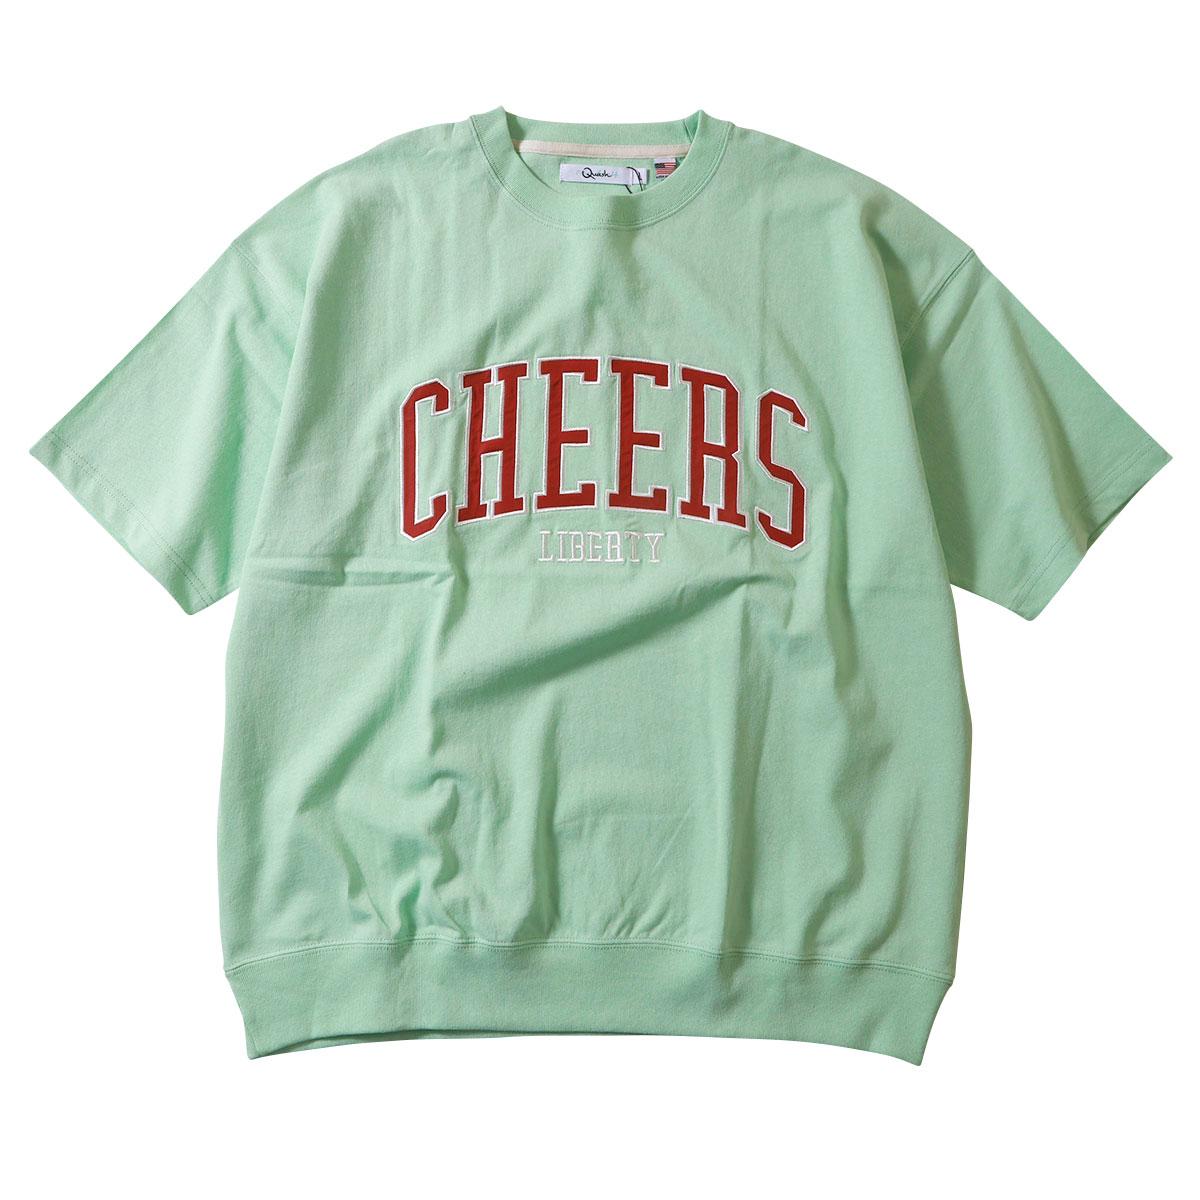 CHEERS カレッジ柄 パッチクロス リブ付き半袖Tシャツ USAコットン アメカジ